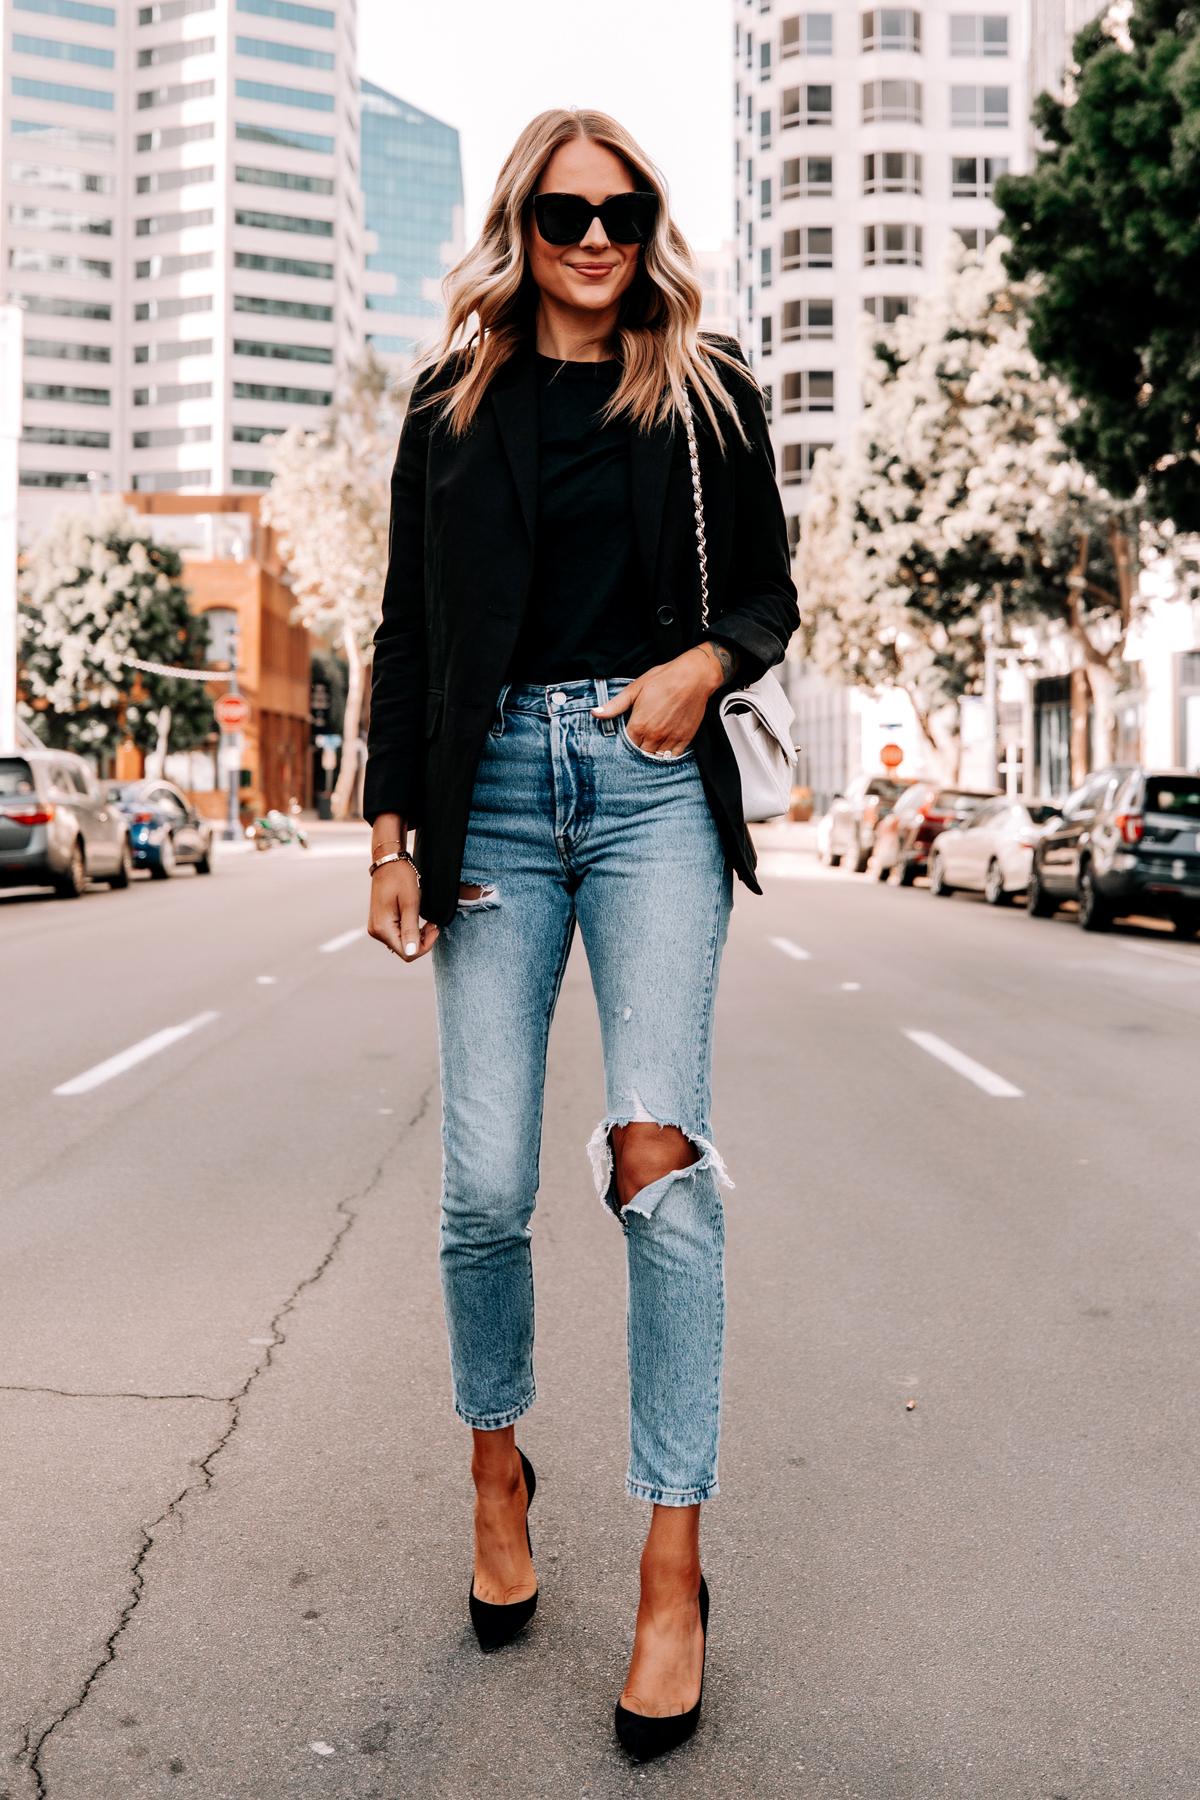 Fashion Jackson Wearing Everlane Black Blazer Black Tshirt Levis 501 Ripped Skinny Jeans Black Pumps